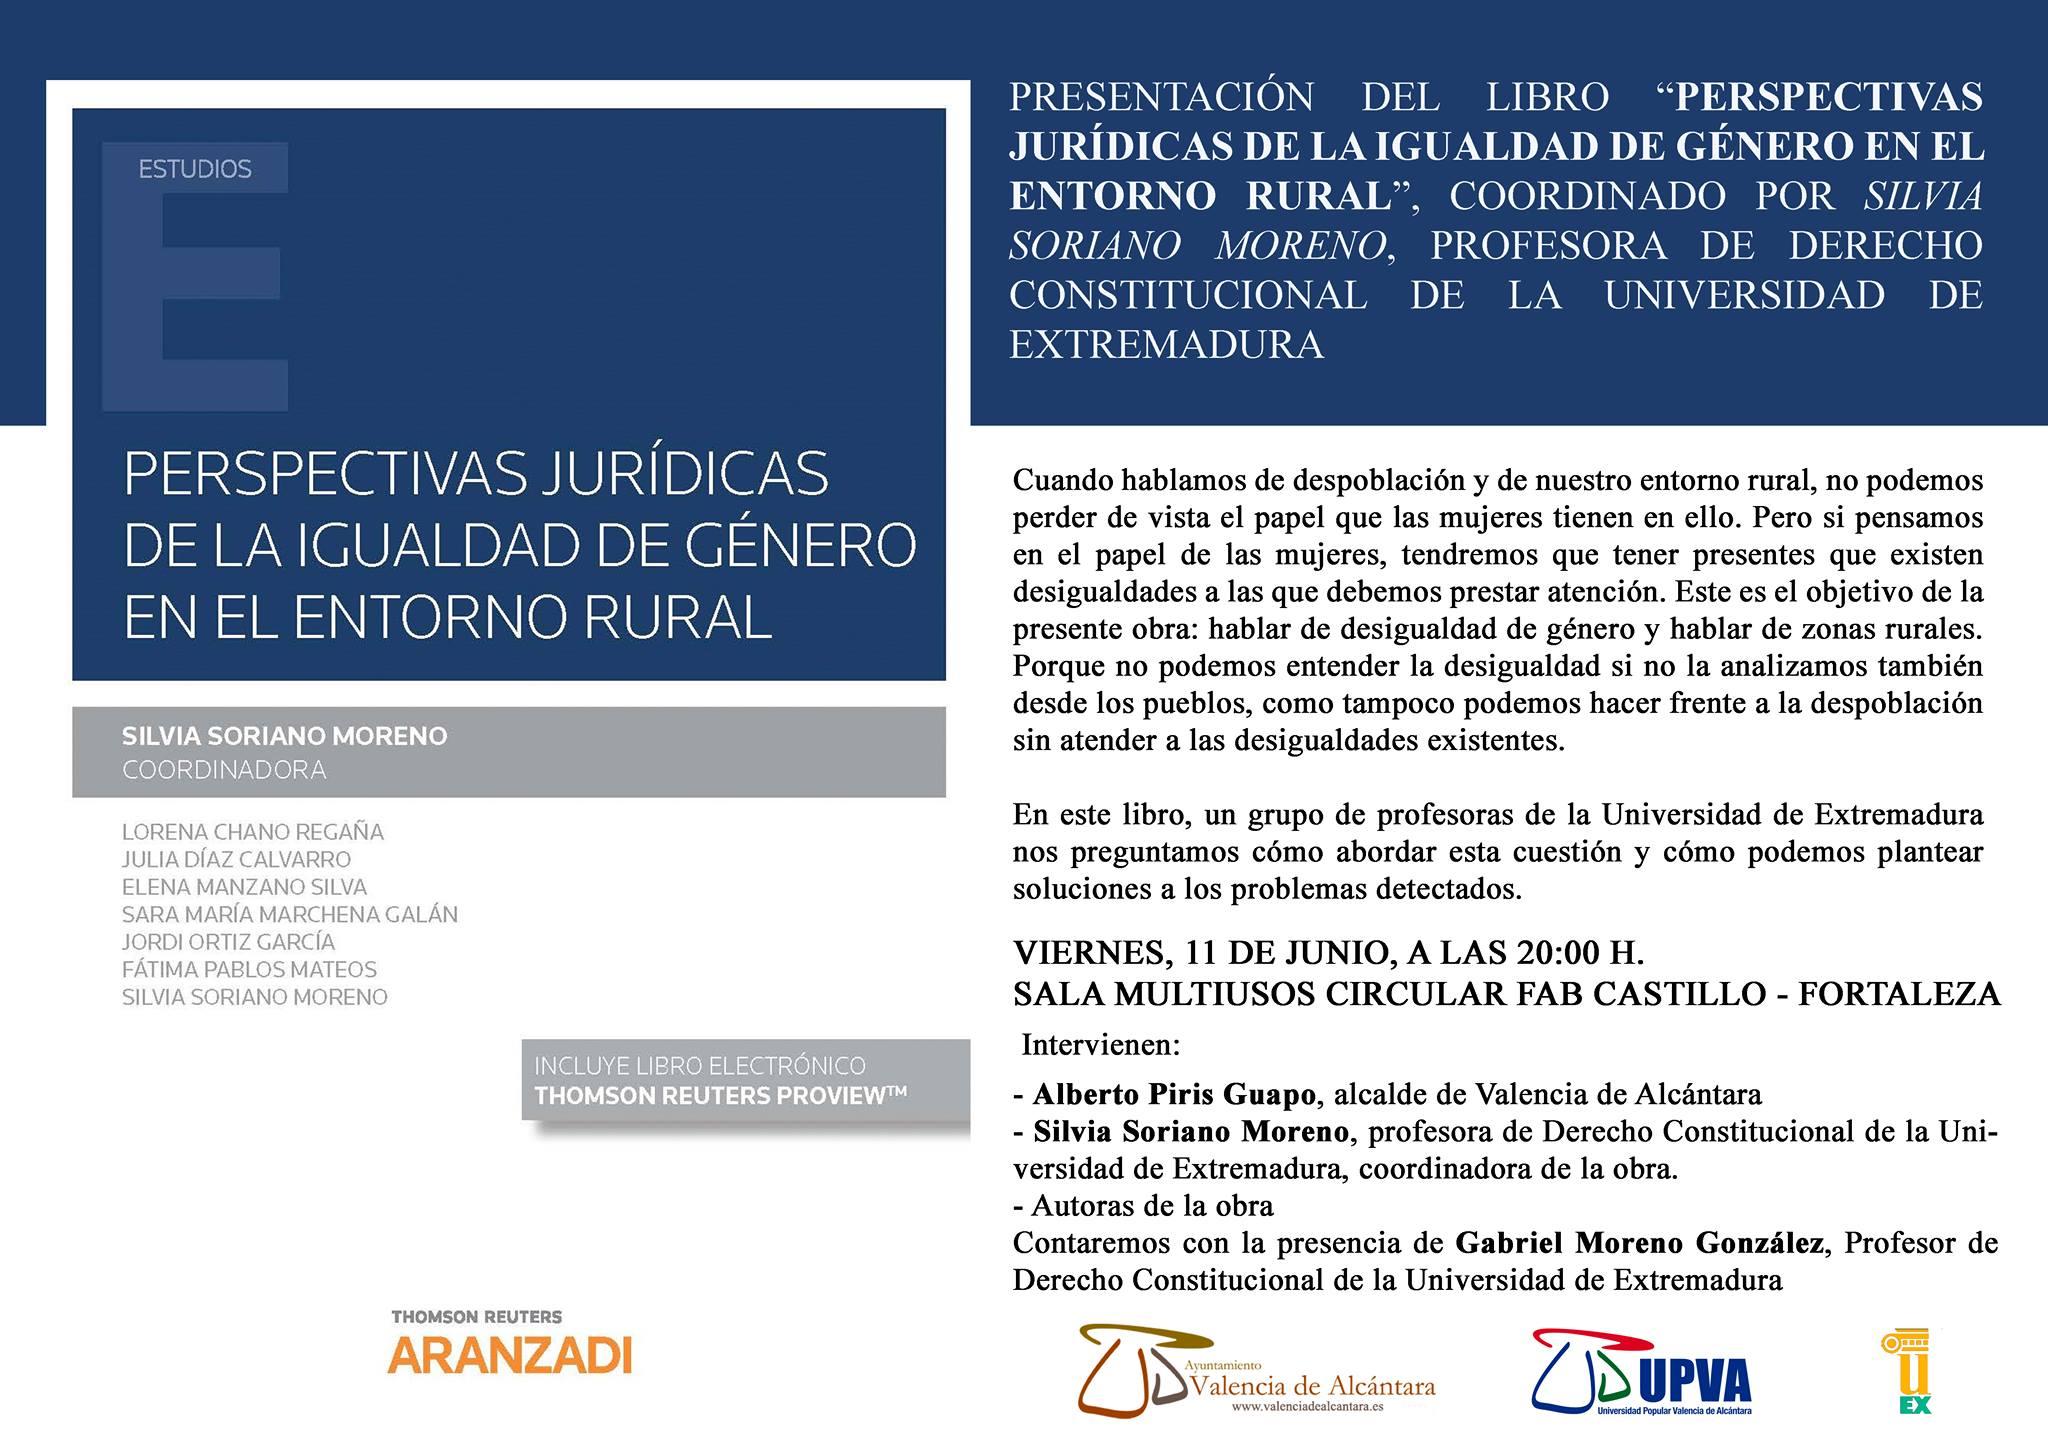 Presentación del libro PERSPECTIVAS JURÍDICAS DE LA IGUALDAD DE GÉNERO EN EL ENTORNO RURAL